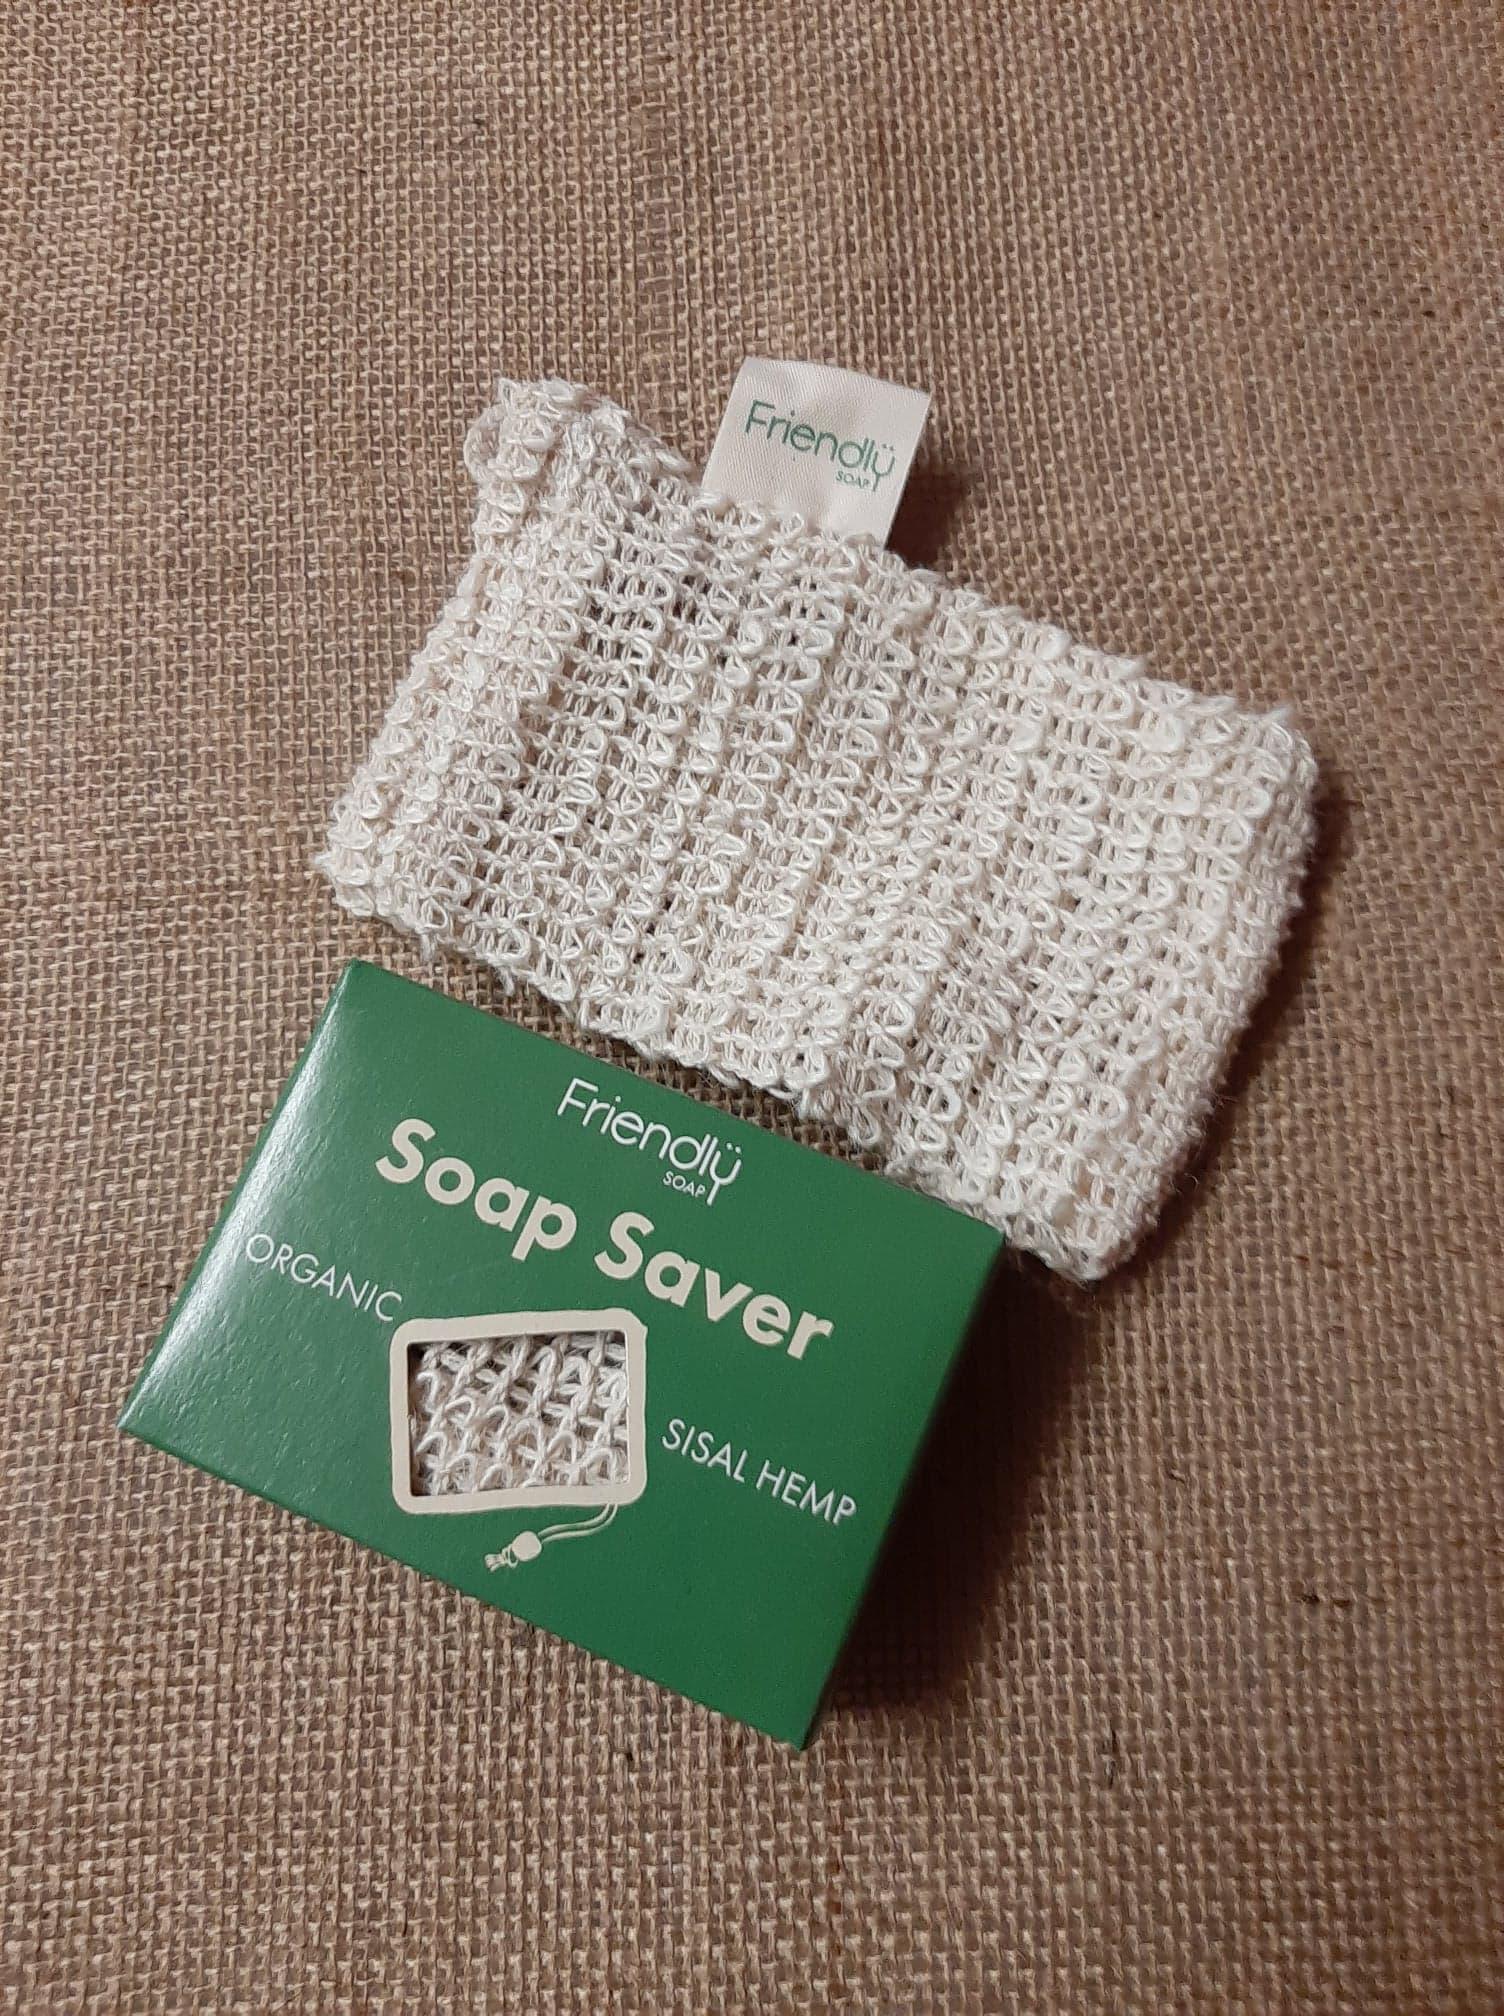 Soap Saver Organic Sisal Hemp